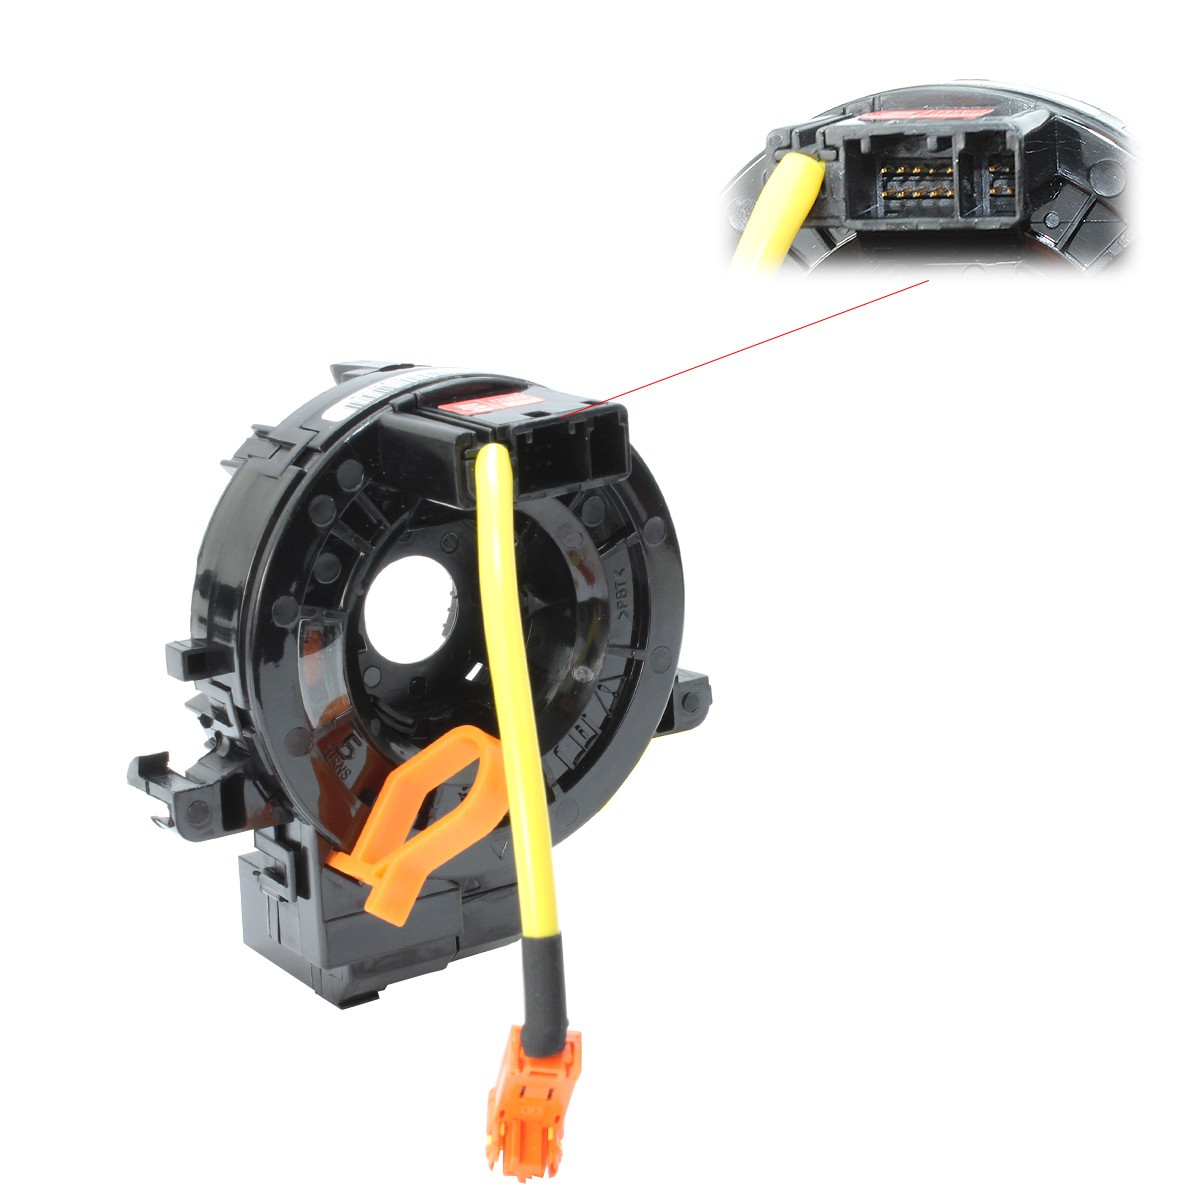 Cinta Airbag Hilux 2006 - 2014 Corolla Com Controle de Som